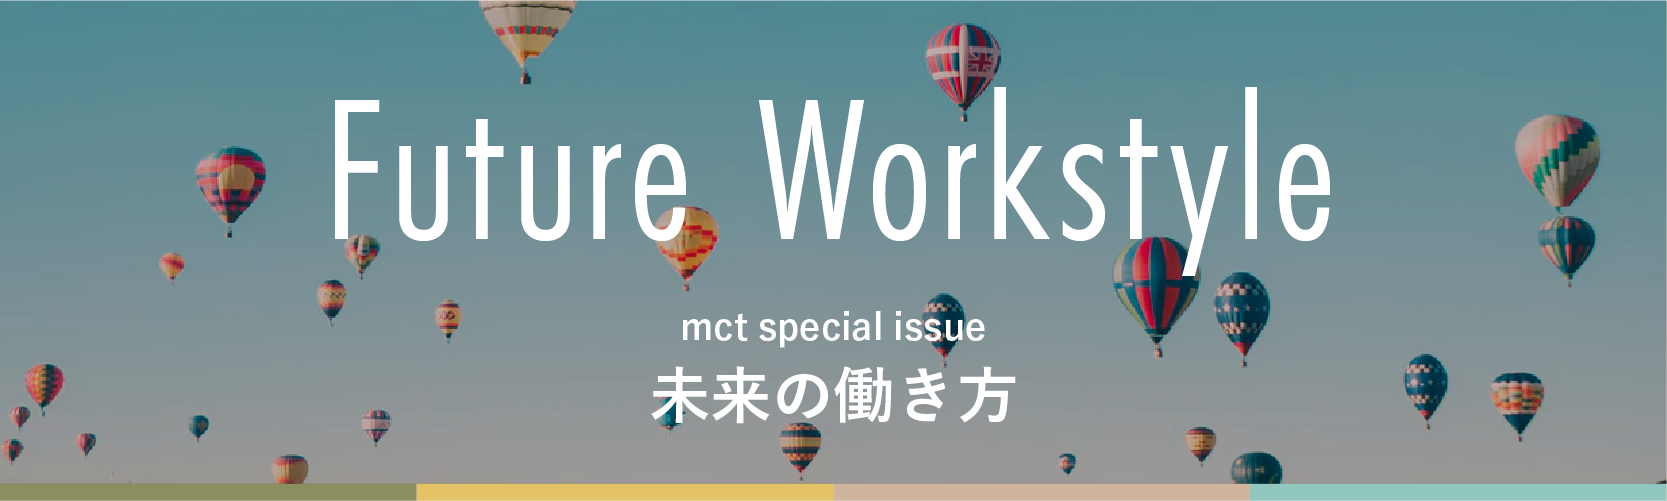 未来の働き方(Future workstyle)